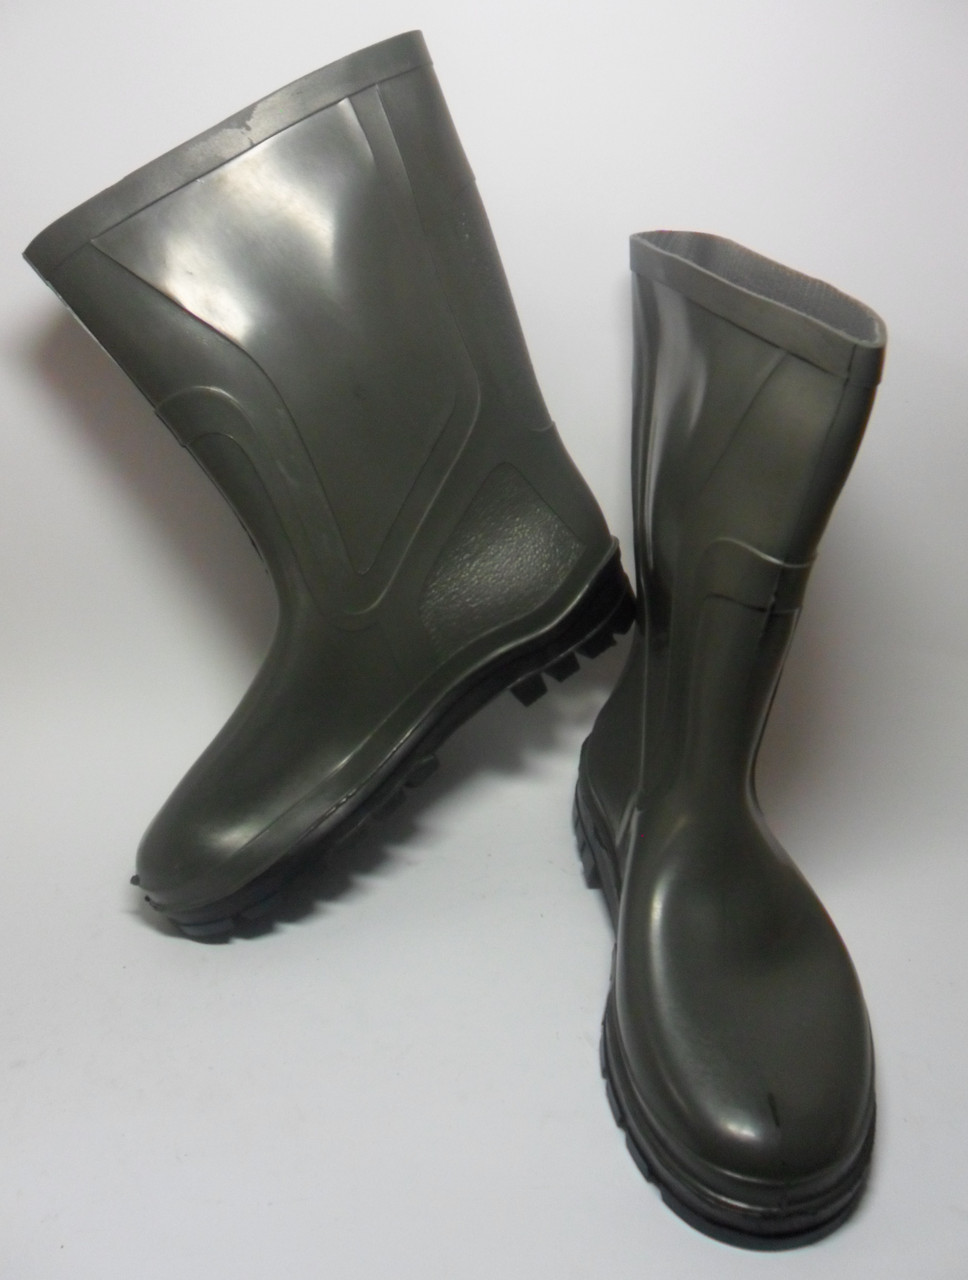 38721573ed79 Мужские резиновые сапоги из ПВХ зеленые   продажа, цена в ...